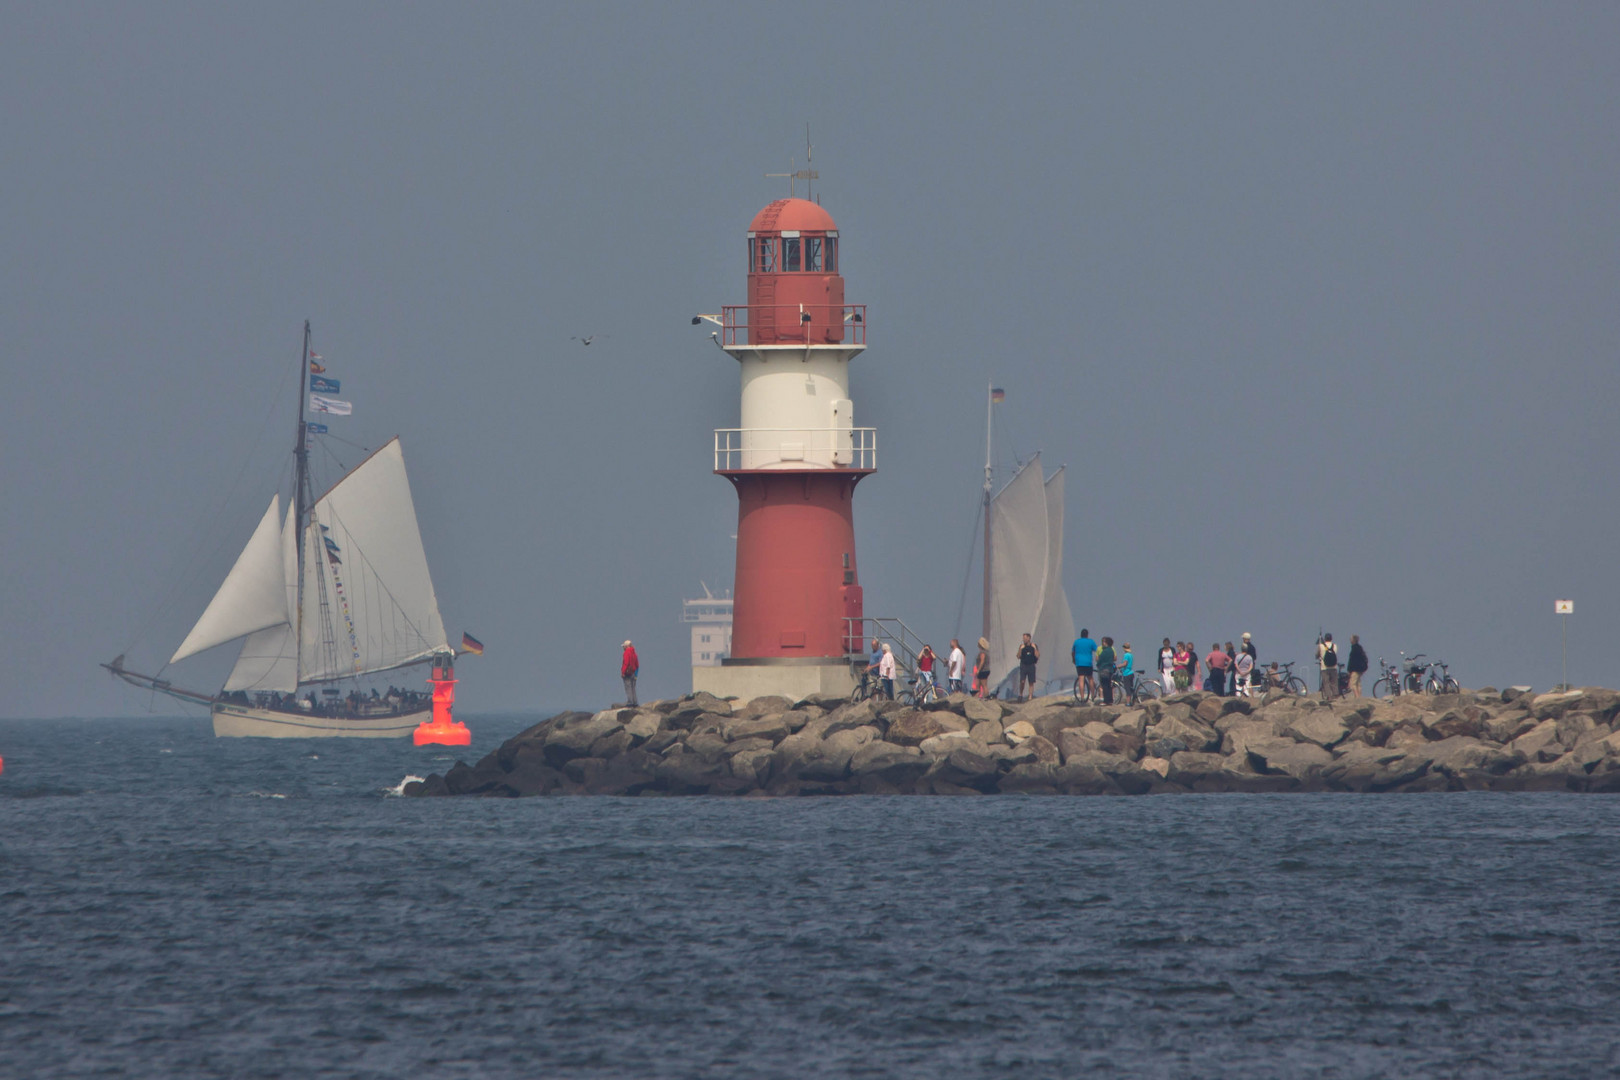 Rostock Warnemünde - Hanse Sail 2013